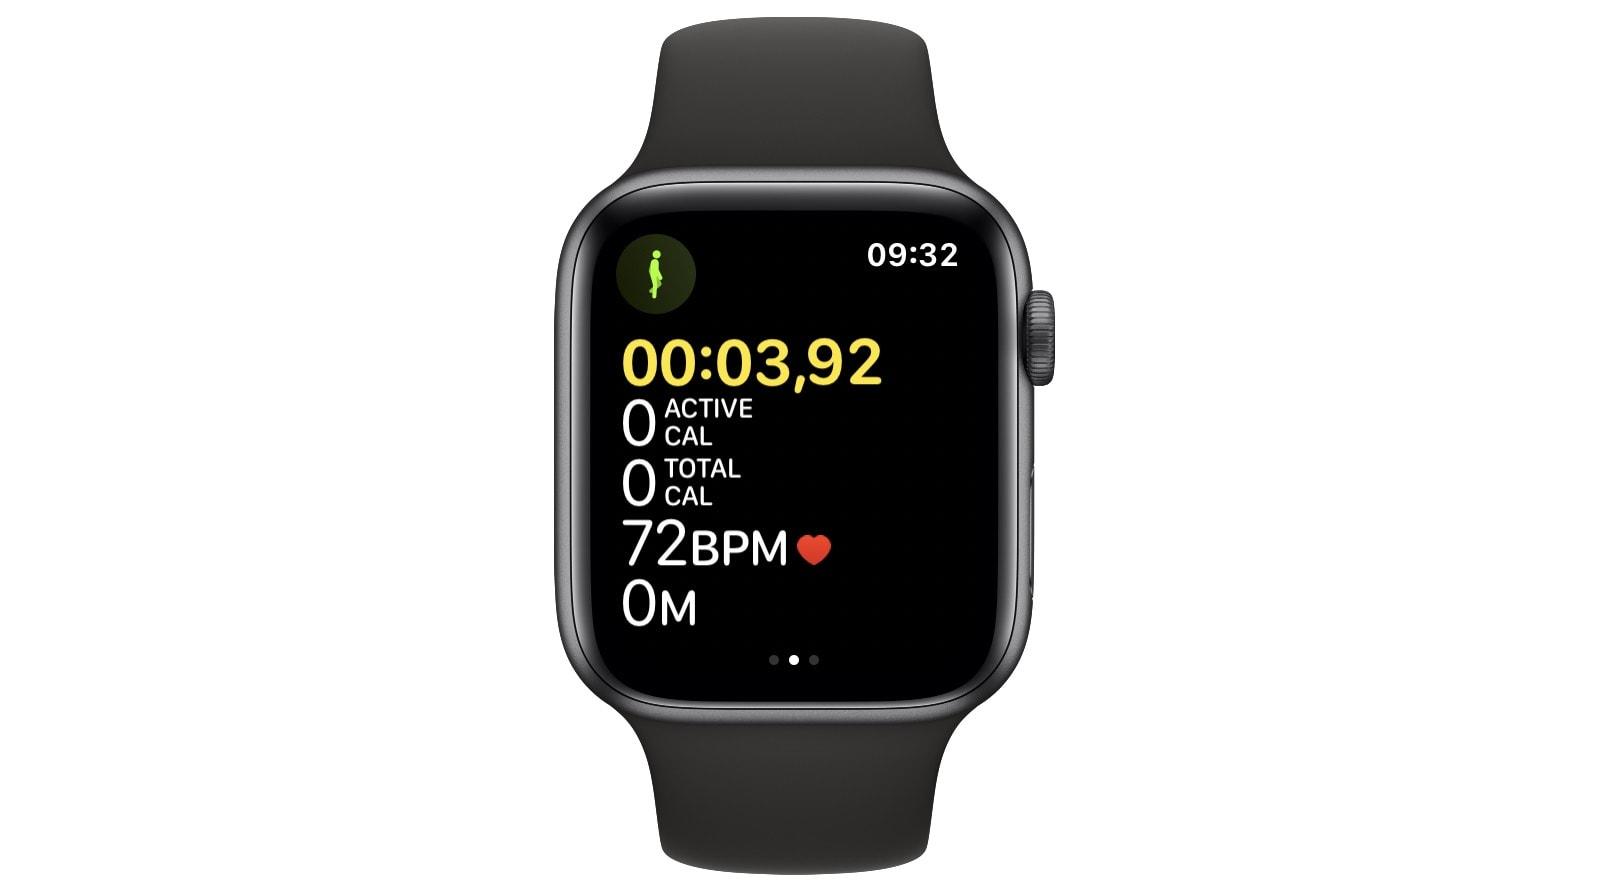 The default Apple Watch Indoor Walk display.